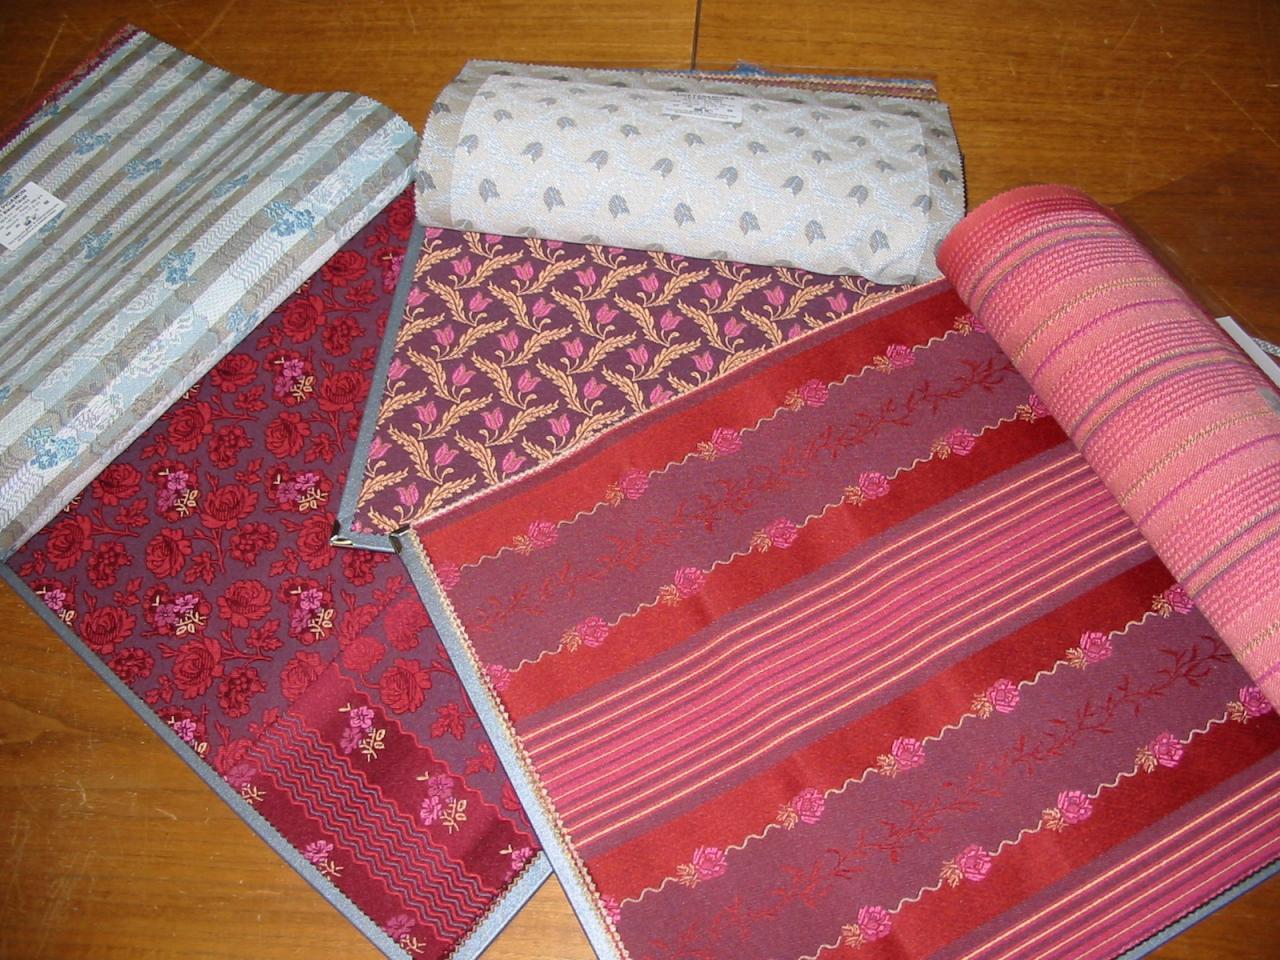 Vente de rideaux tissu d 39 ameublement et voilage - Marque de tissu d ameublement ...